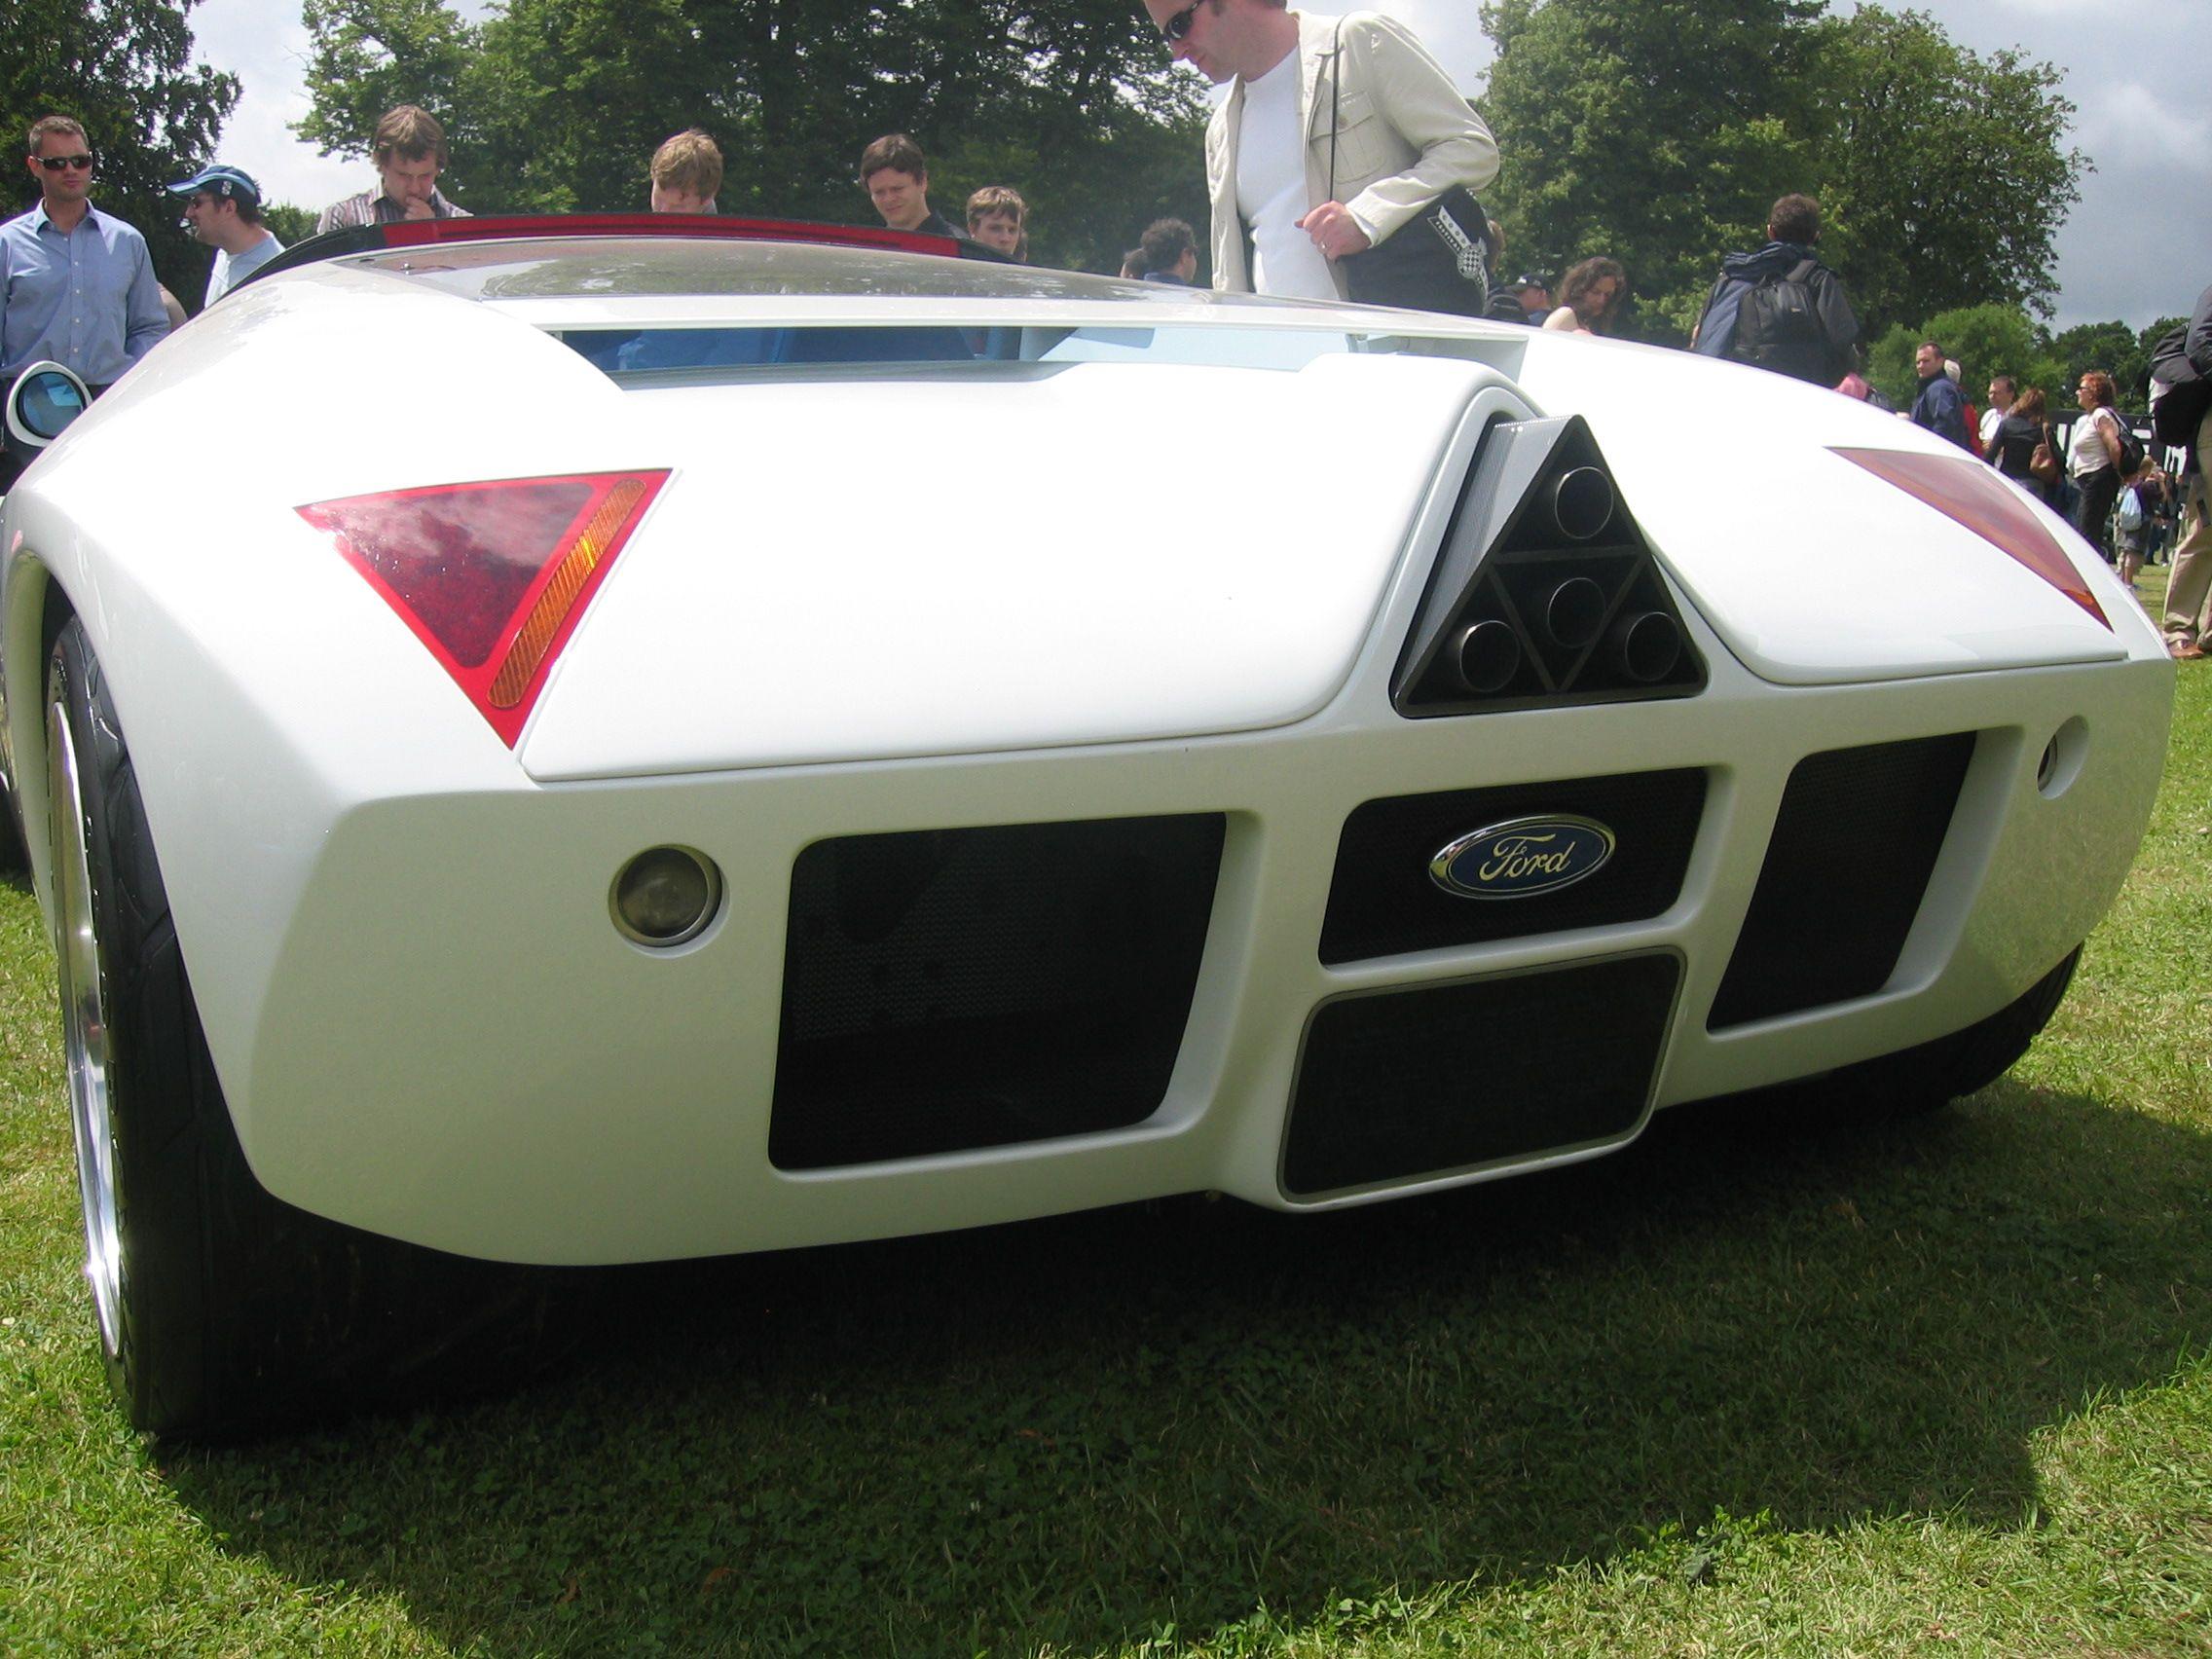 Ford gt90 replica diy ford gt90 replica - Awesome Bugatti Chiron Bugatti Automotive Design Pinterest Awesome And Bugatti